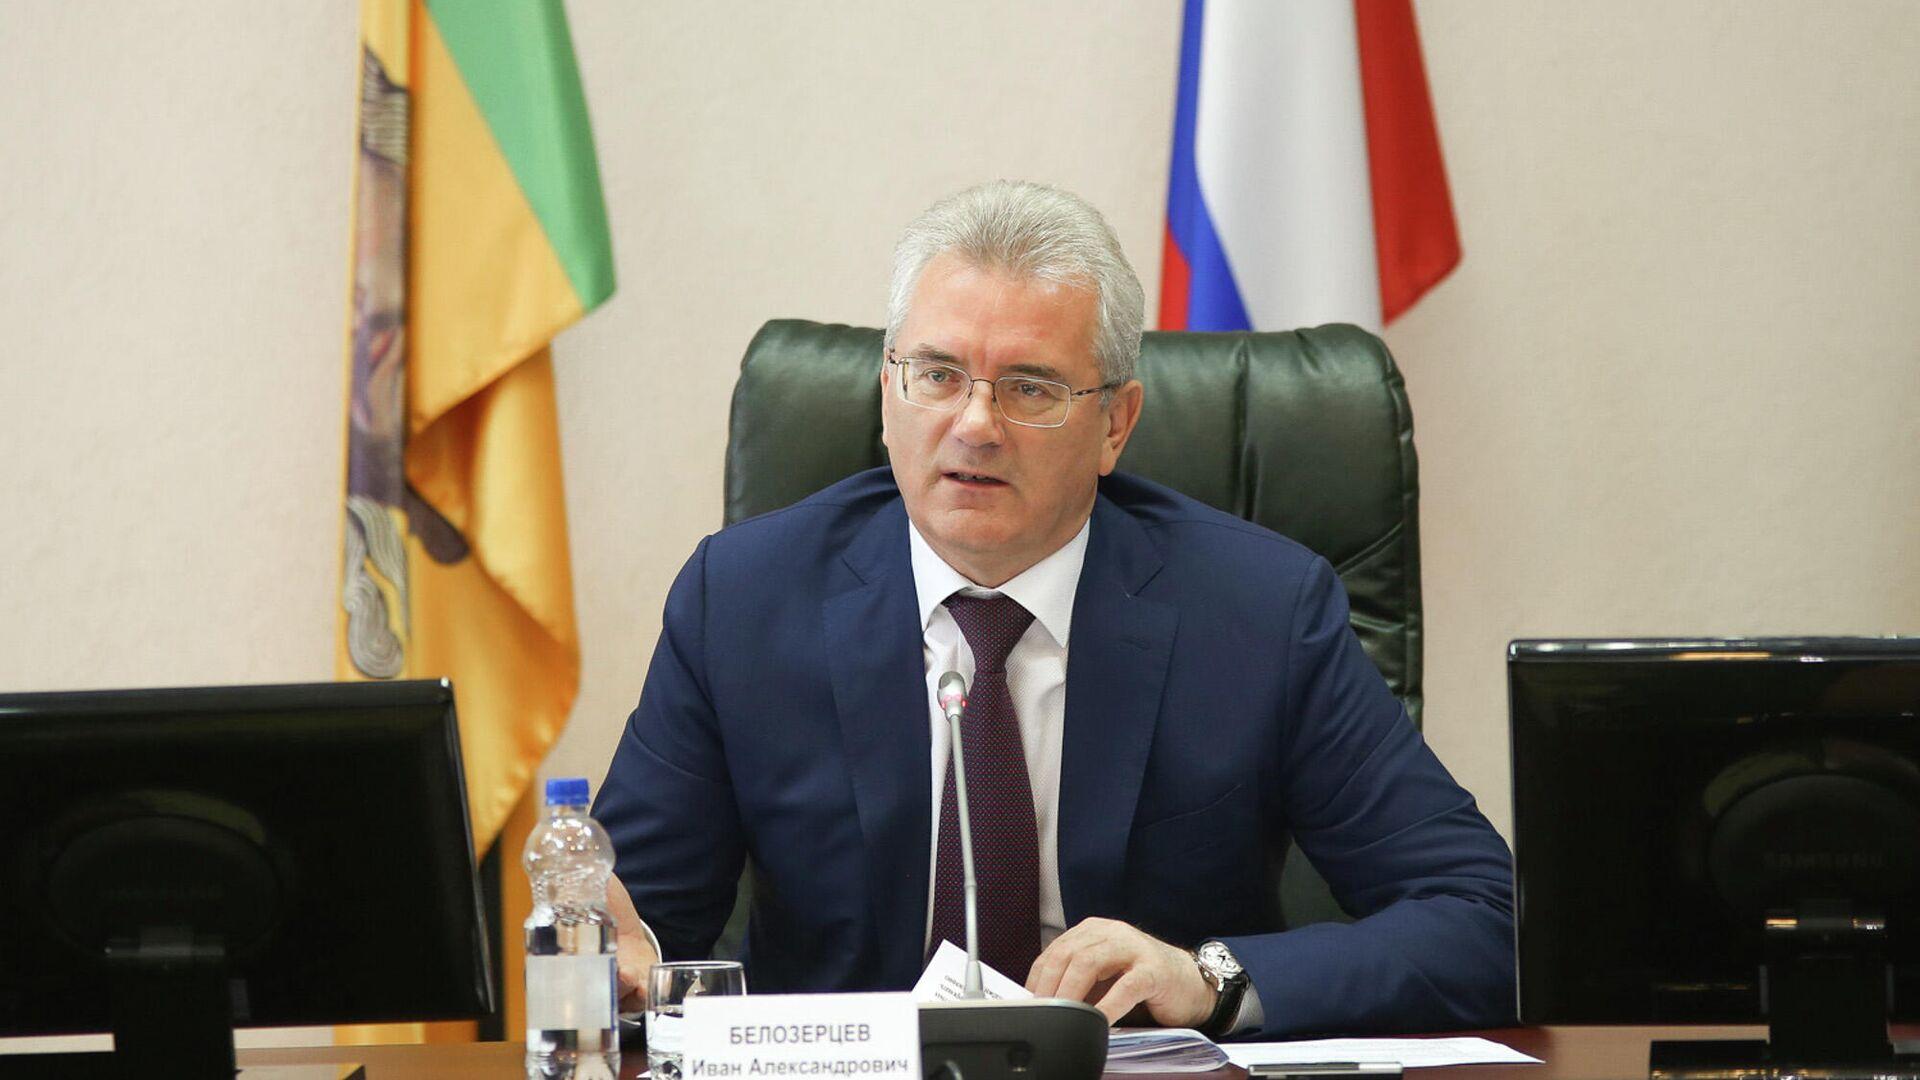 Пензенский депутат оценил работу губернатора Белозерцева